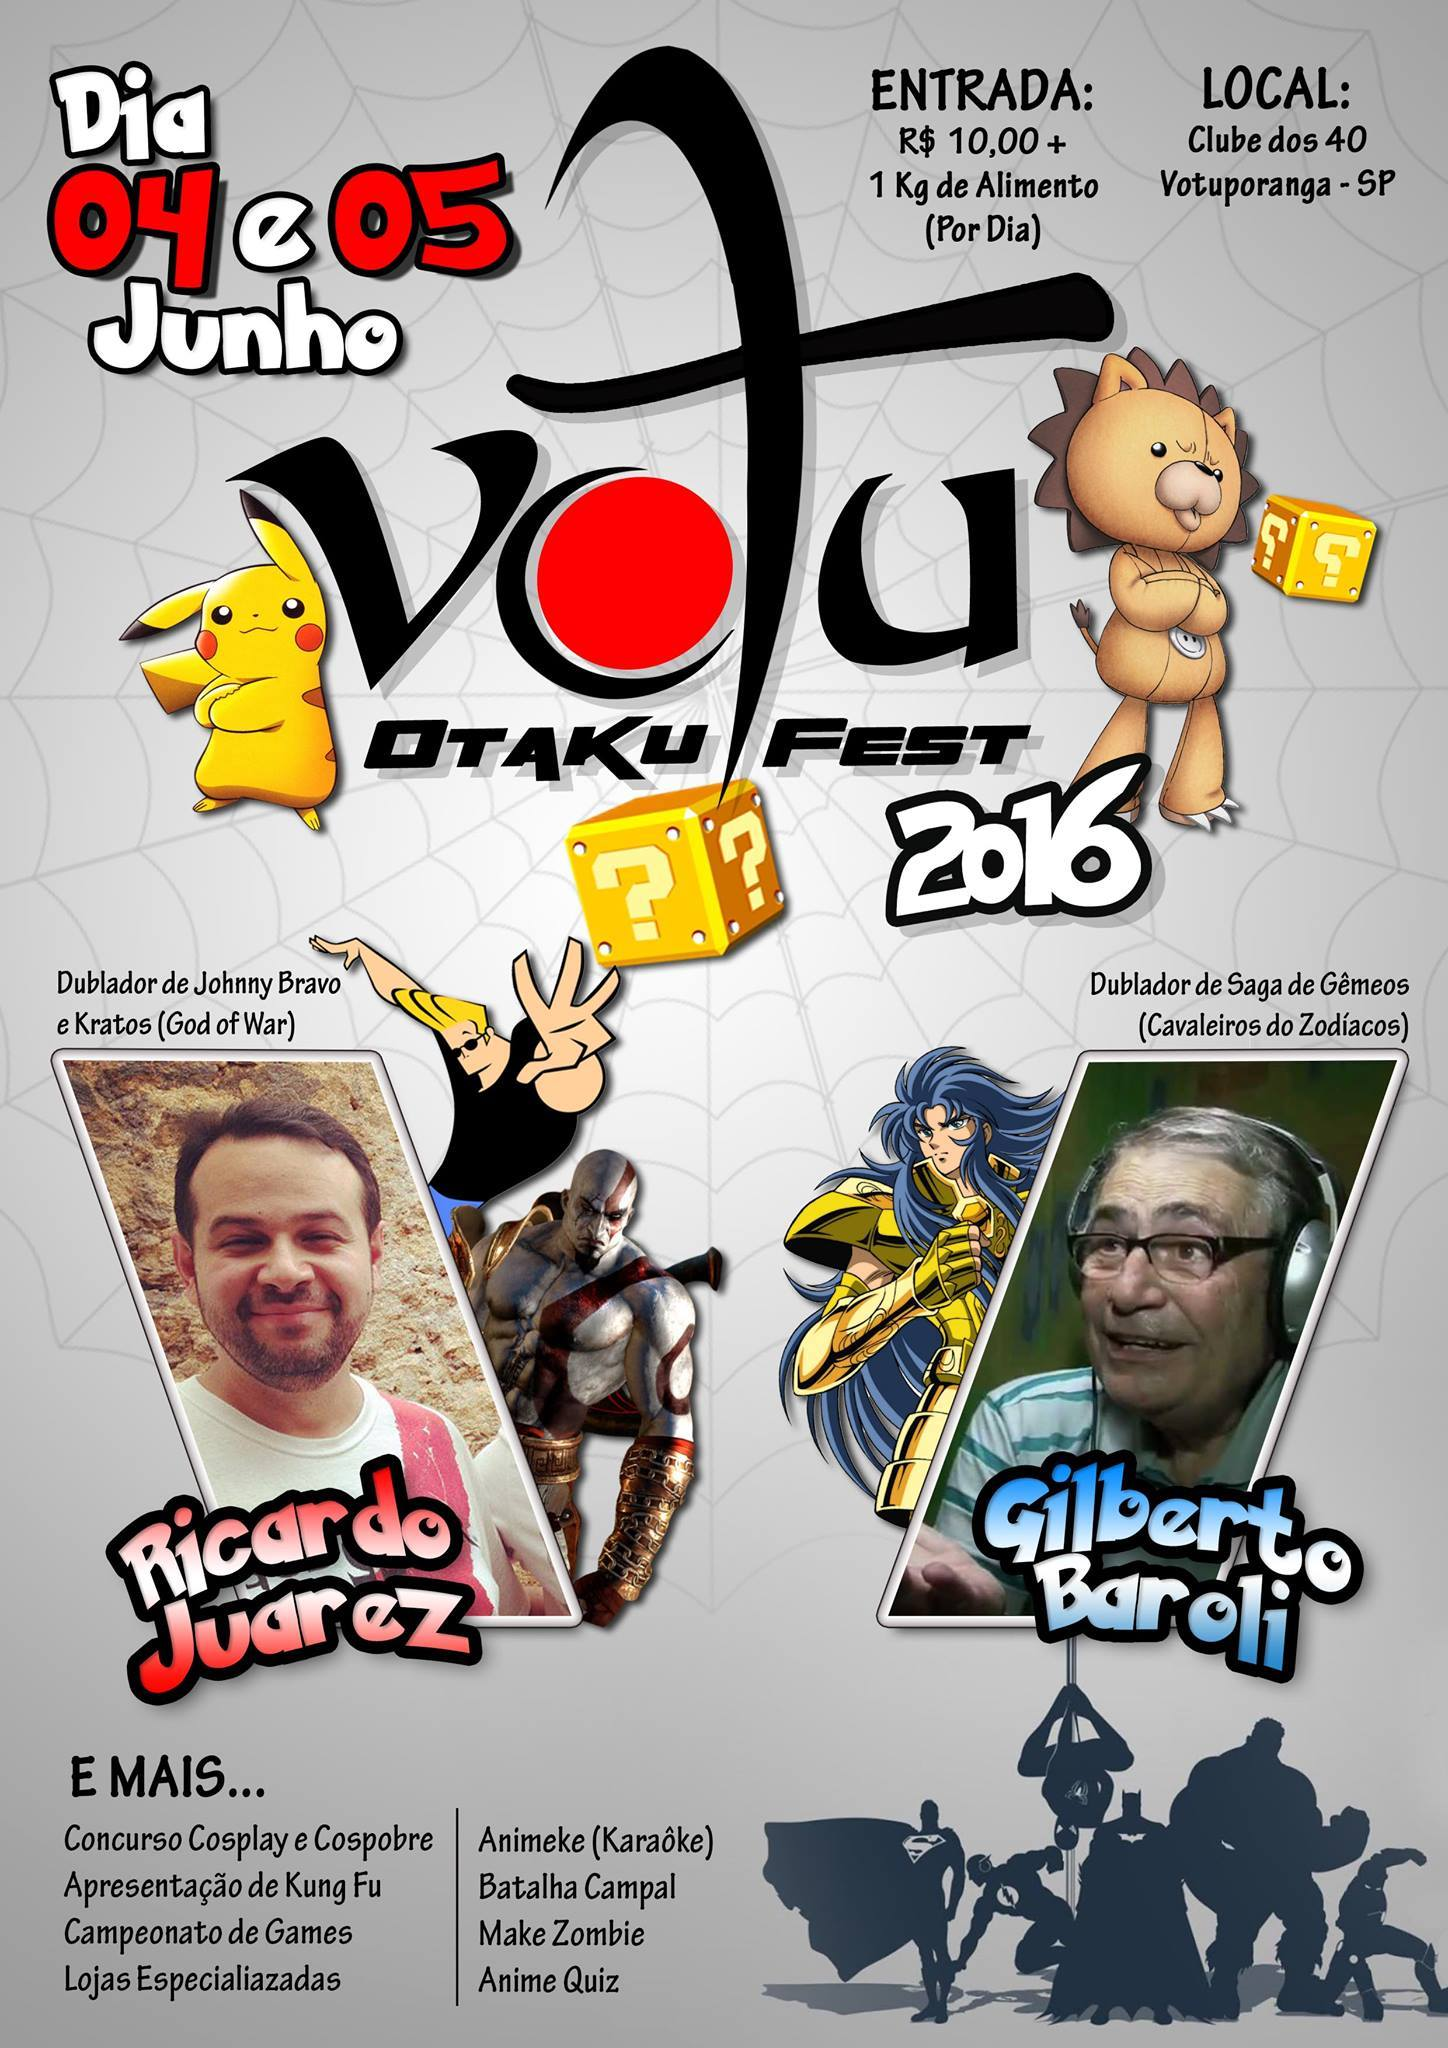 Votu Otaku Fest - 2016